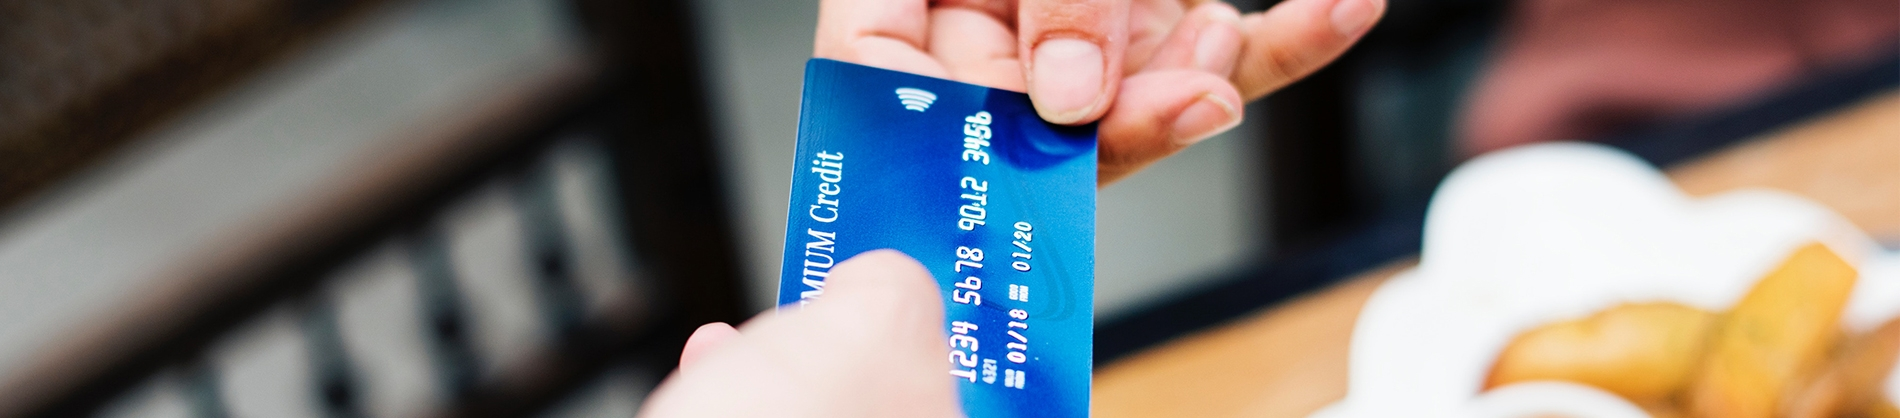 A women handing over a debit card